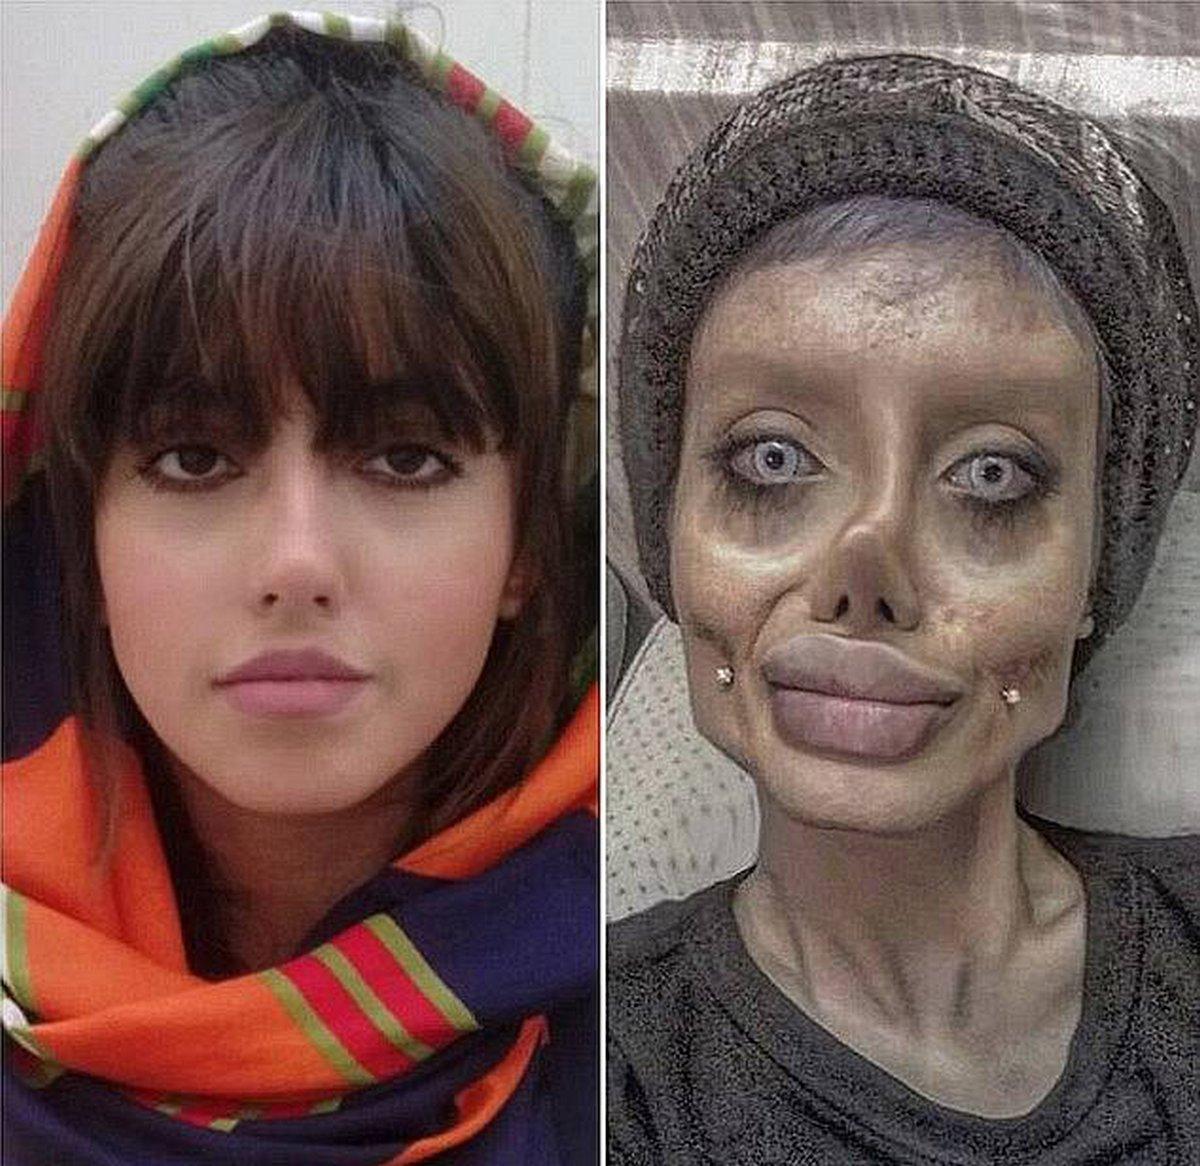 Une femme iranienne surnommée «Zombie Angelina Jolie» a été condamnée à 10 ans de prison